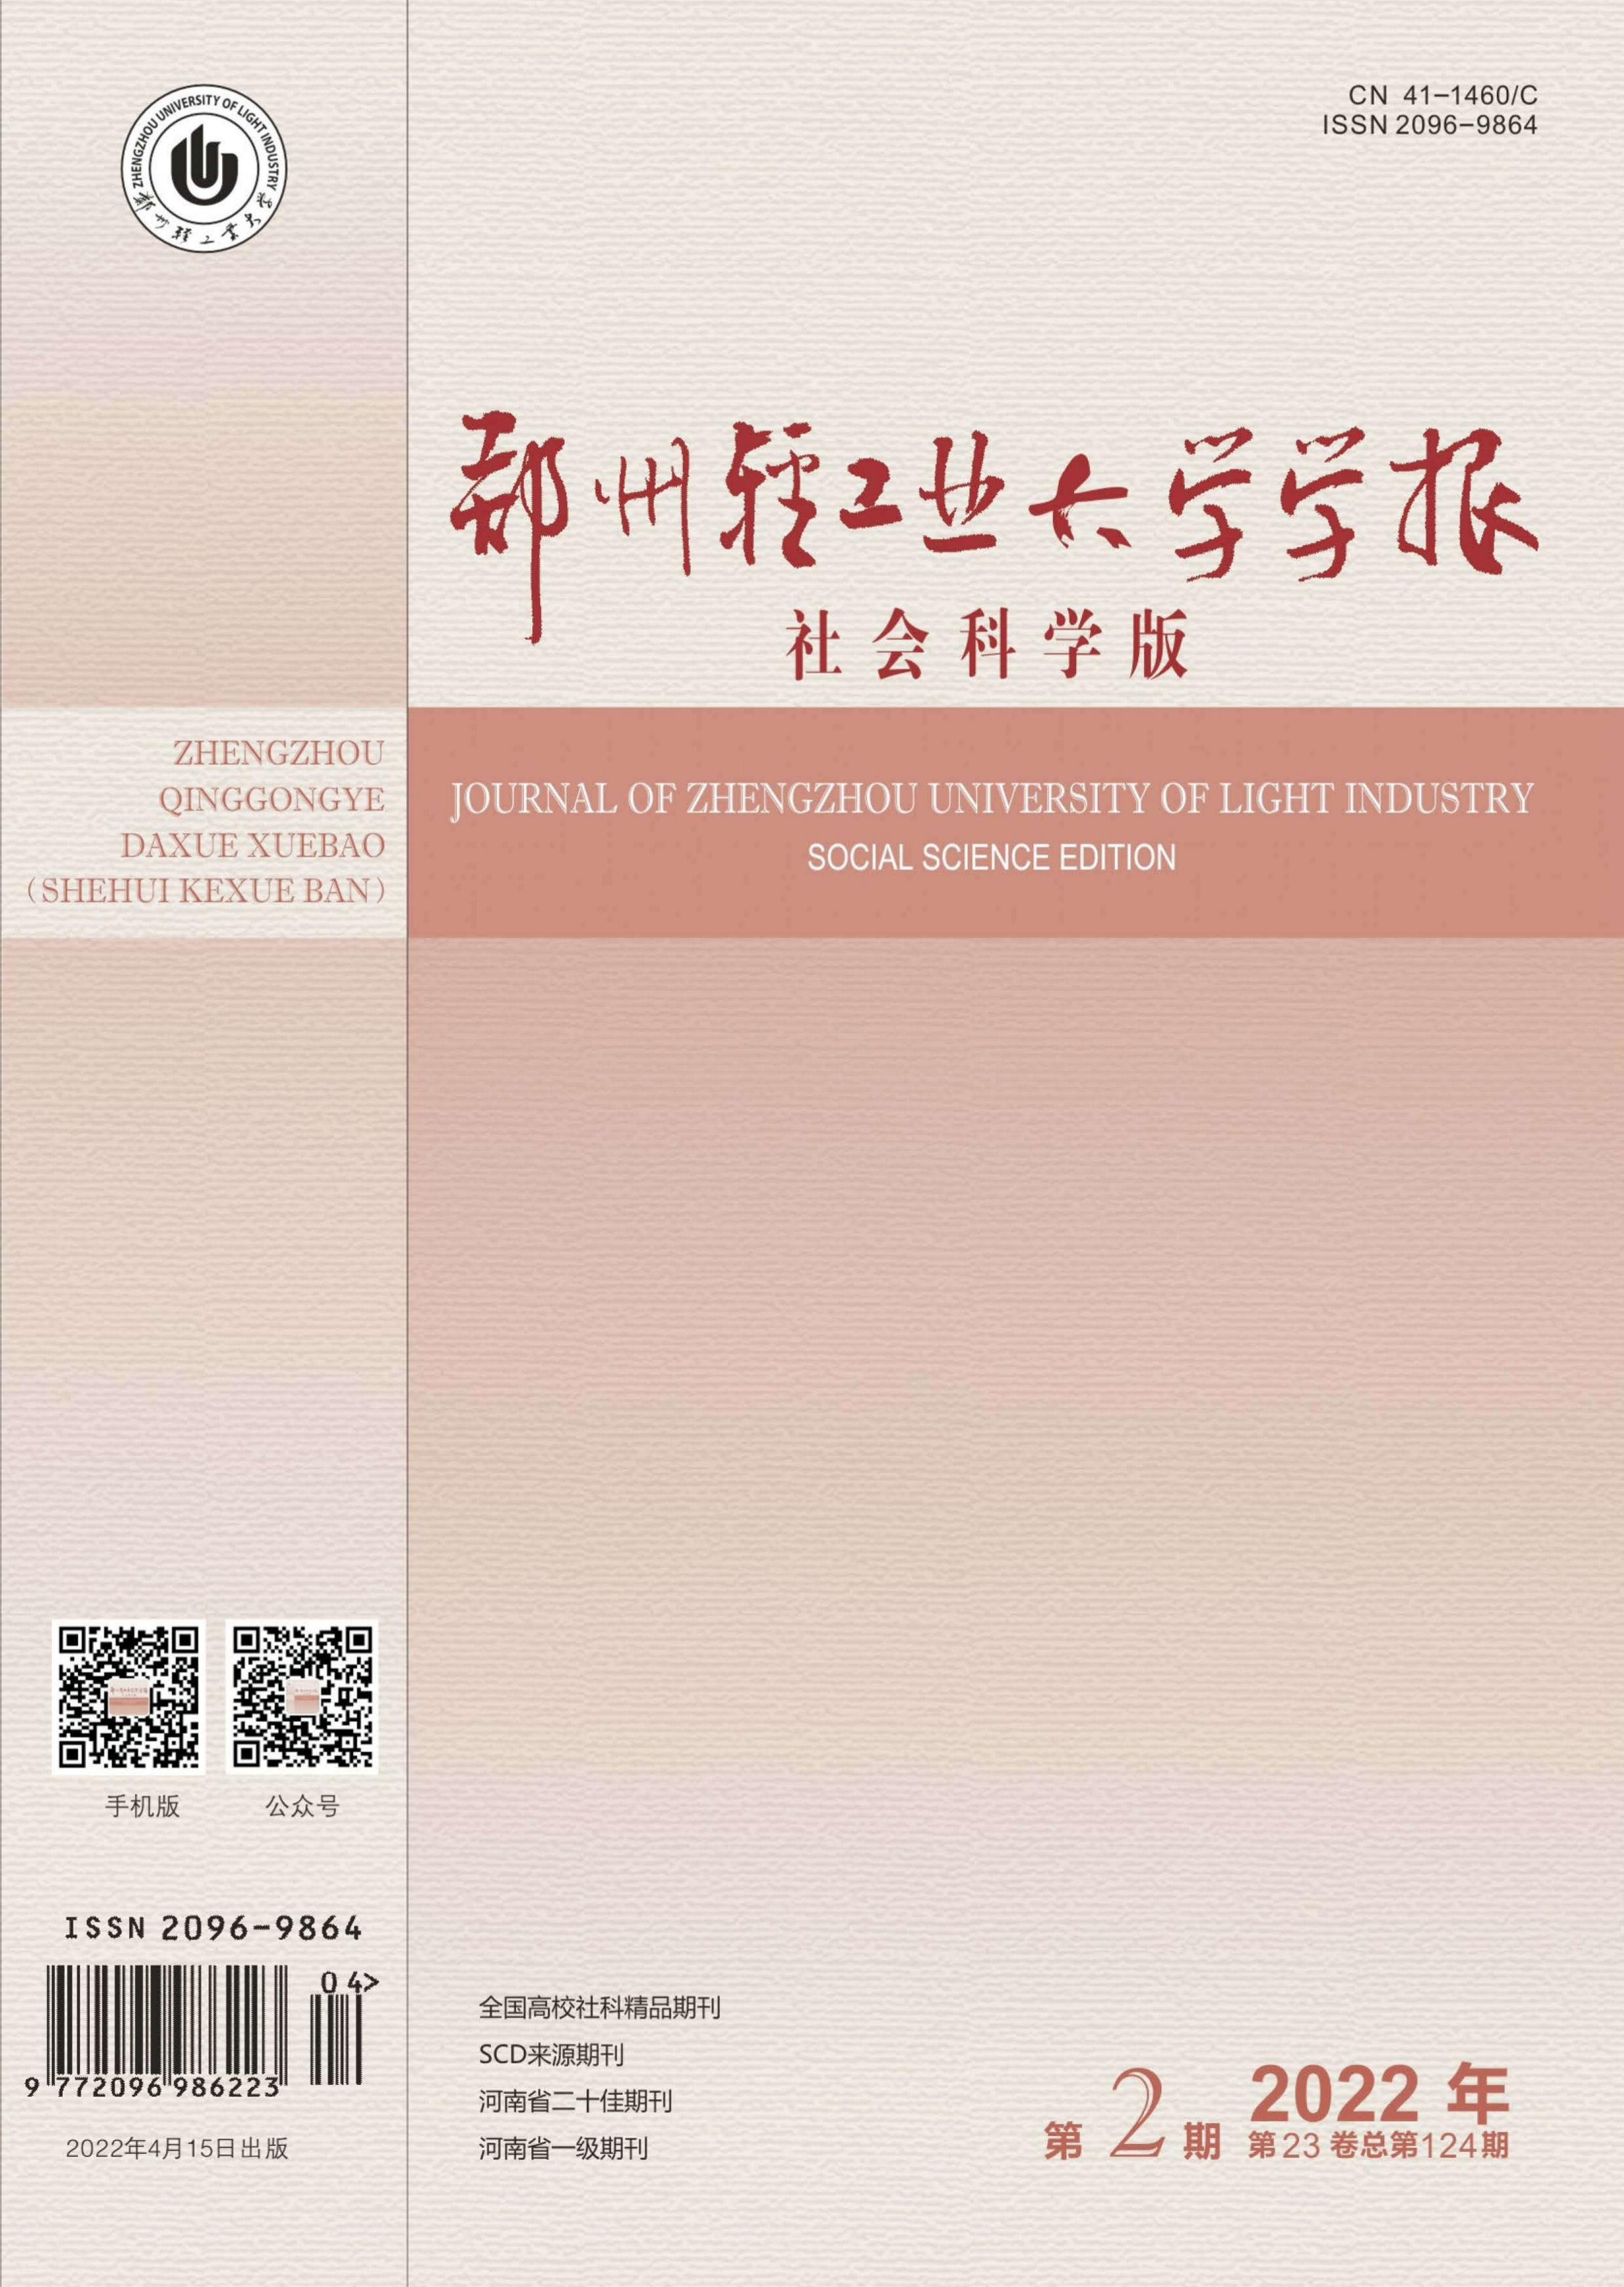 郑州轻工业学院学报:社会科学版